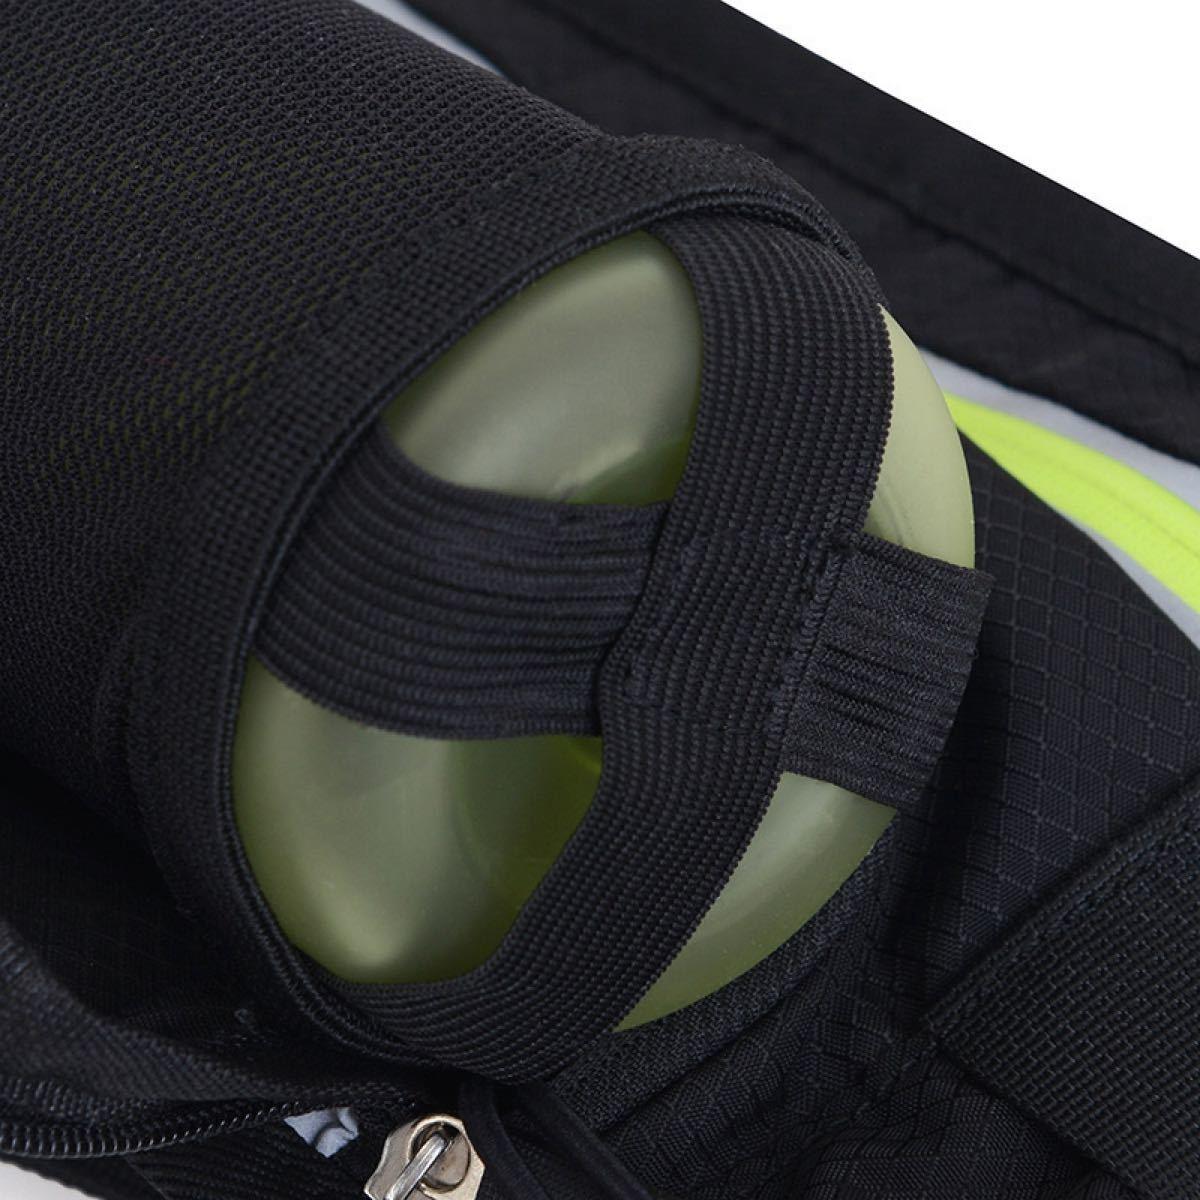 【新品セール】ランニングポーチ 防水ウエストバッグ ウェストポーチ ペットボトル